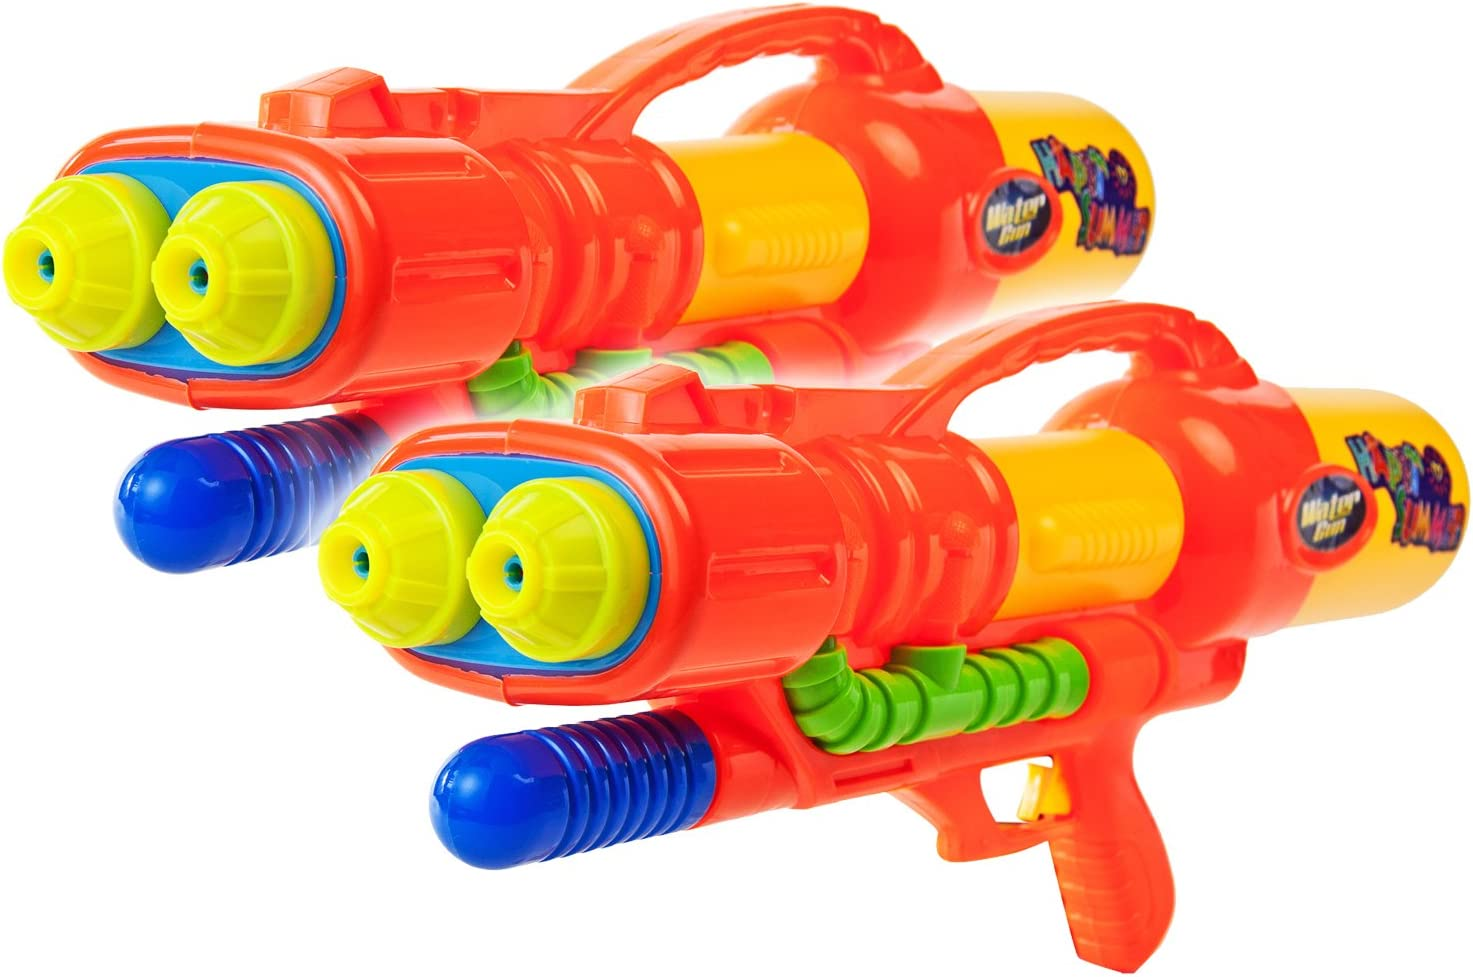 2x Space Wasser-Pistole Kinder-Spielzeug 60cm Schwarz Gr/ün Rot Lila Wasser-Spritze Sommer-Spielzeug Spielzeug-Pistole Wasser-Gewehr Aqua-Gun Pool-Kanone Planschbecken-Pistole Garten-Party Spielzeug-Waffe Swimming-Pool-Gun